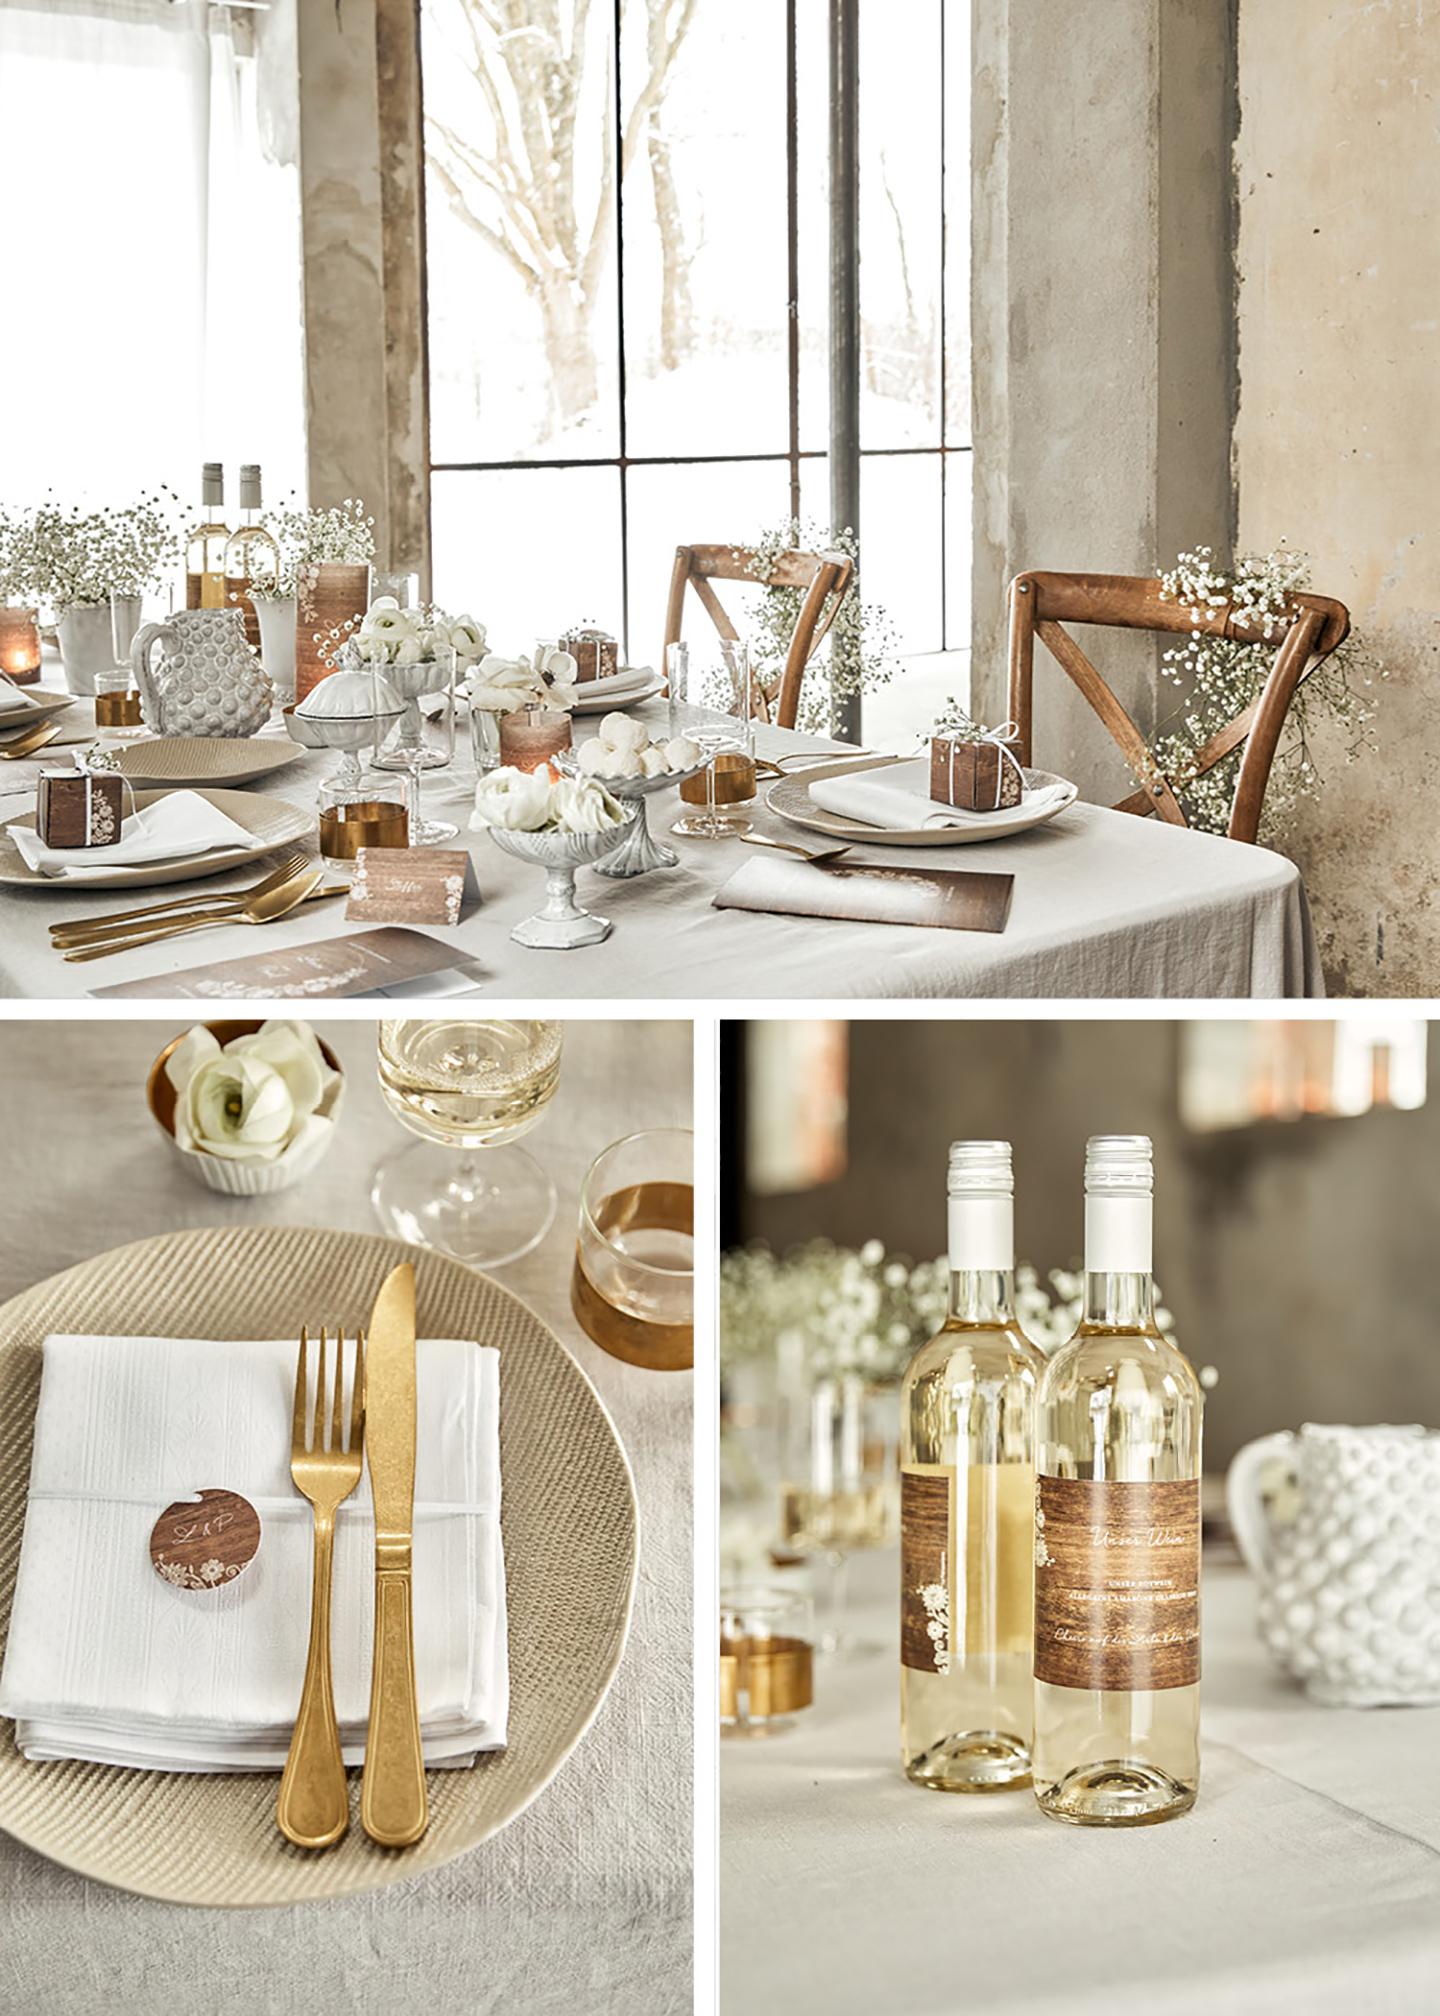 Hochzeitstisch komplett angerichtet, im Vintage-Shabby Look mit Schleierkraut, weißen Deko-Elementen und goldenem Besteck.